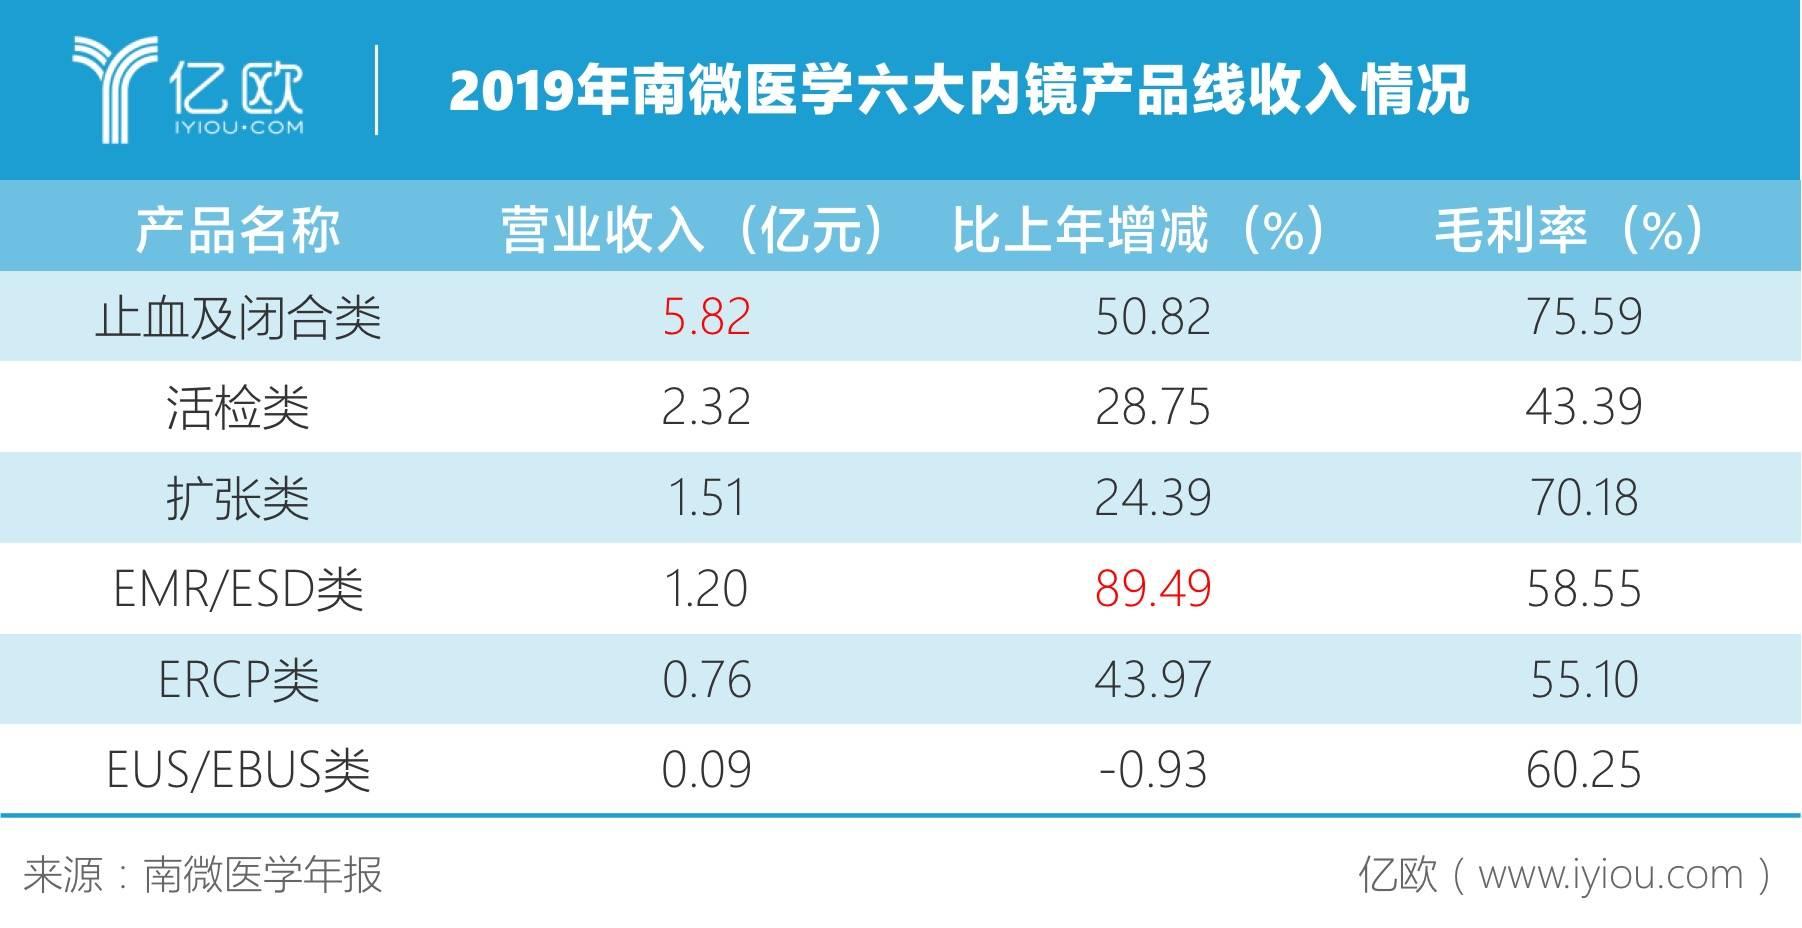 2019年南微医学六大内镜产品线收入